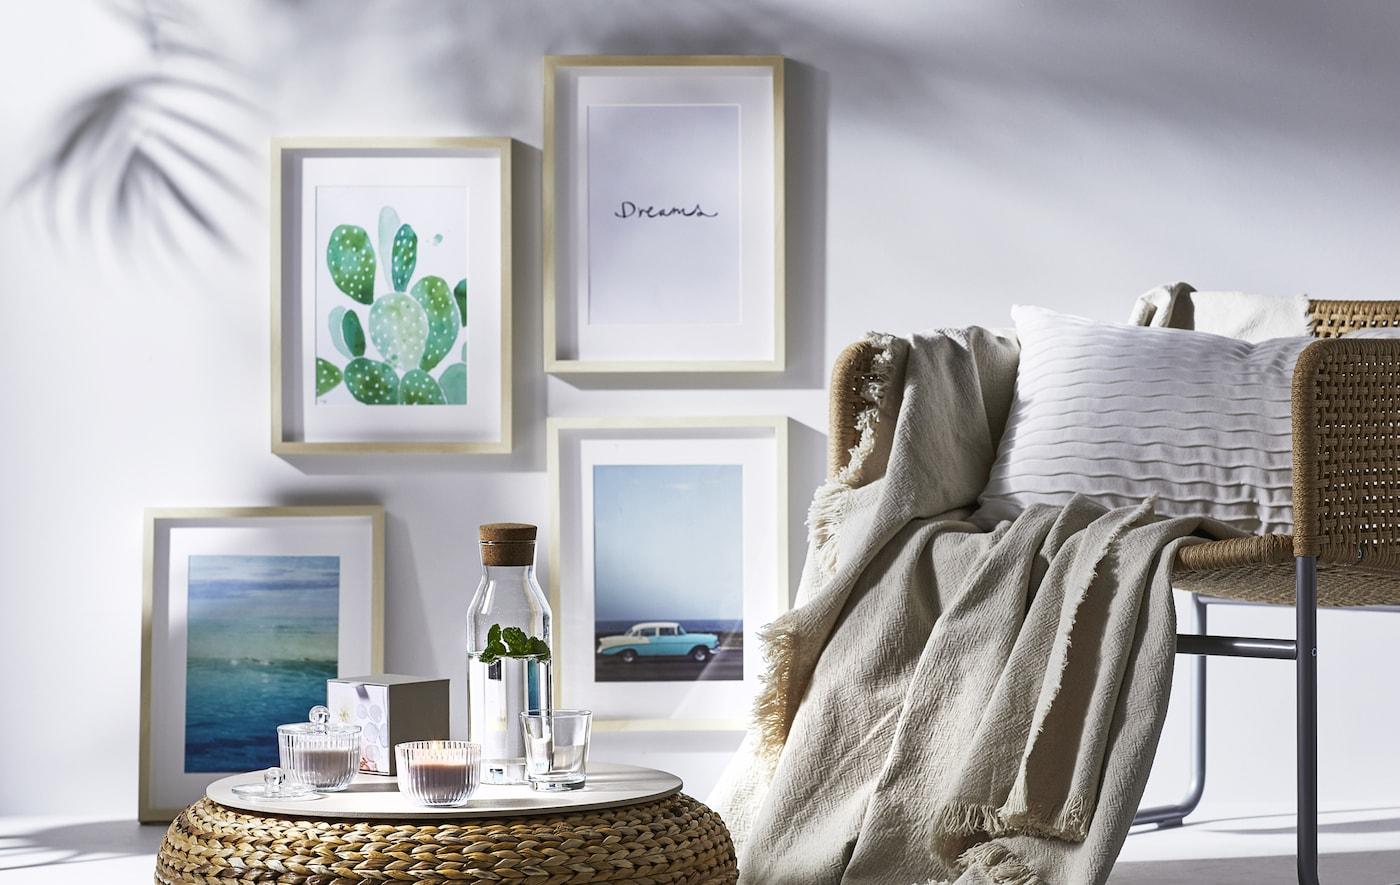 Chaise et repose-pieds en osier, avec cadres accrochés sur un mur blanc.